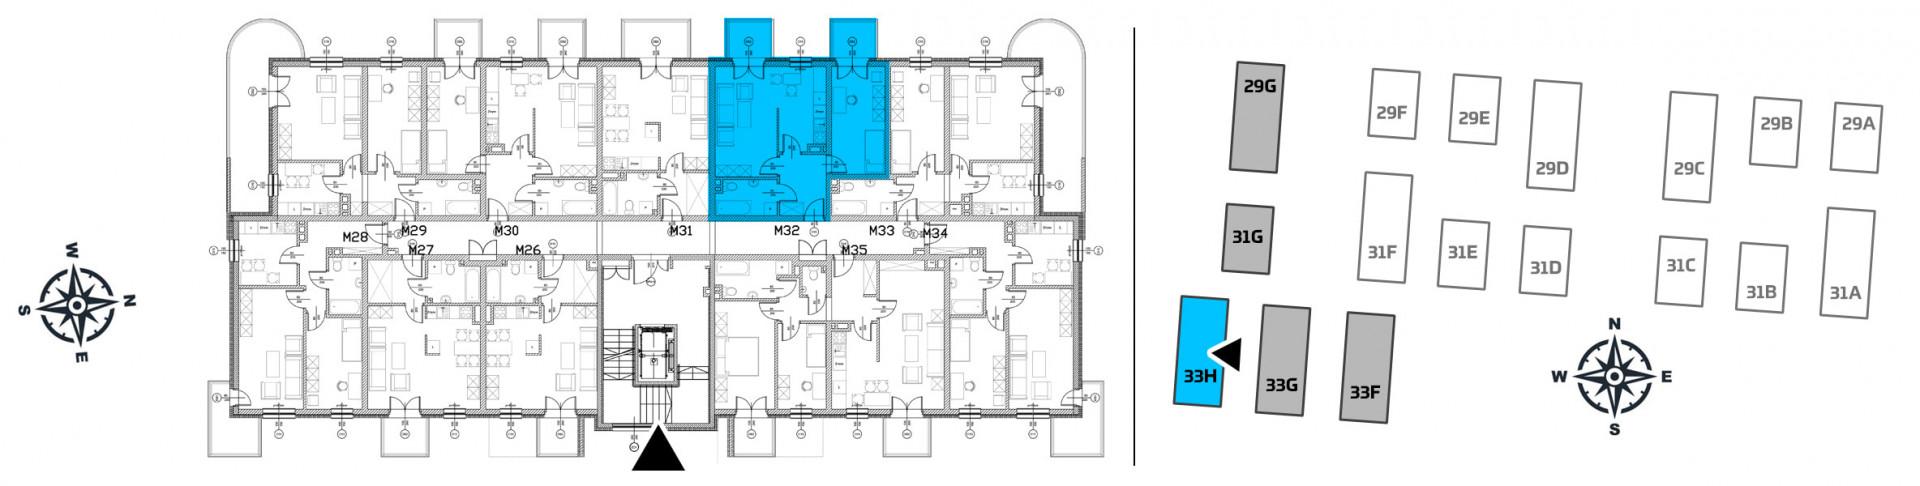 Mieszkanie dwupokojowe 33H/32 rzut 2